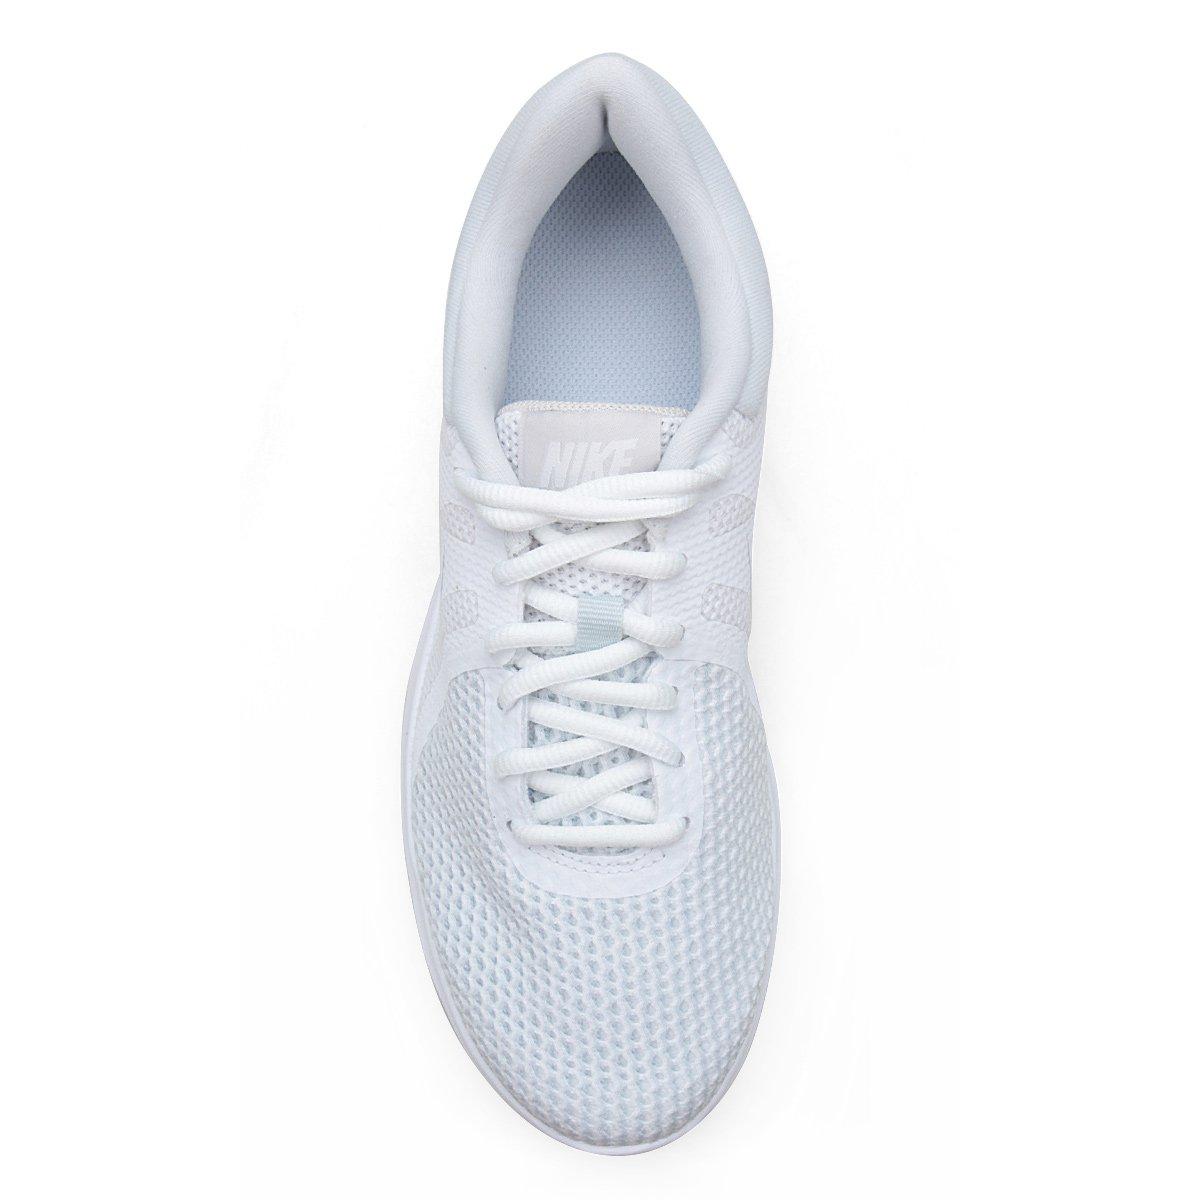 Branco Revolution Nike Wmns Tênis Nike Tênis Wmns Feminino 4 nXvavH8wq